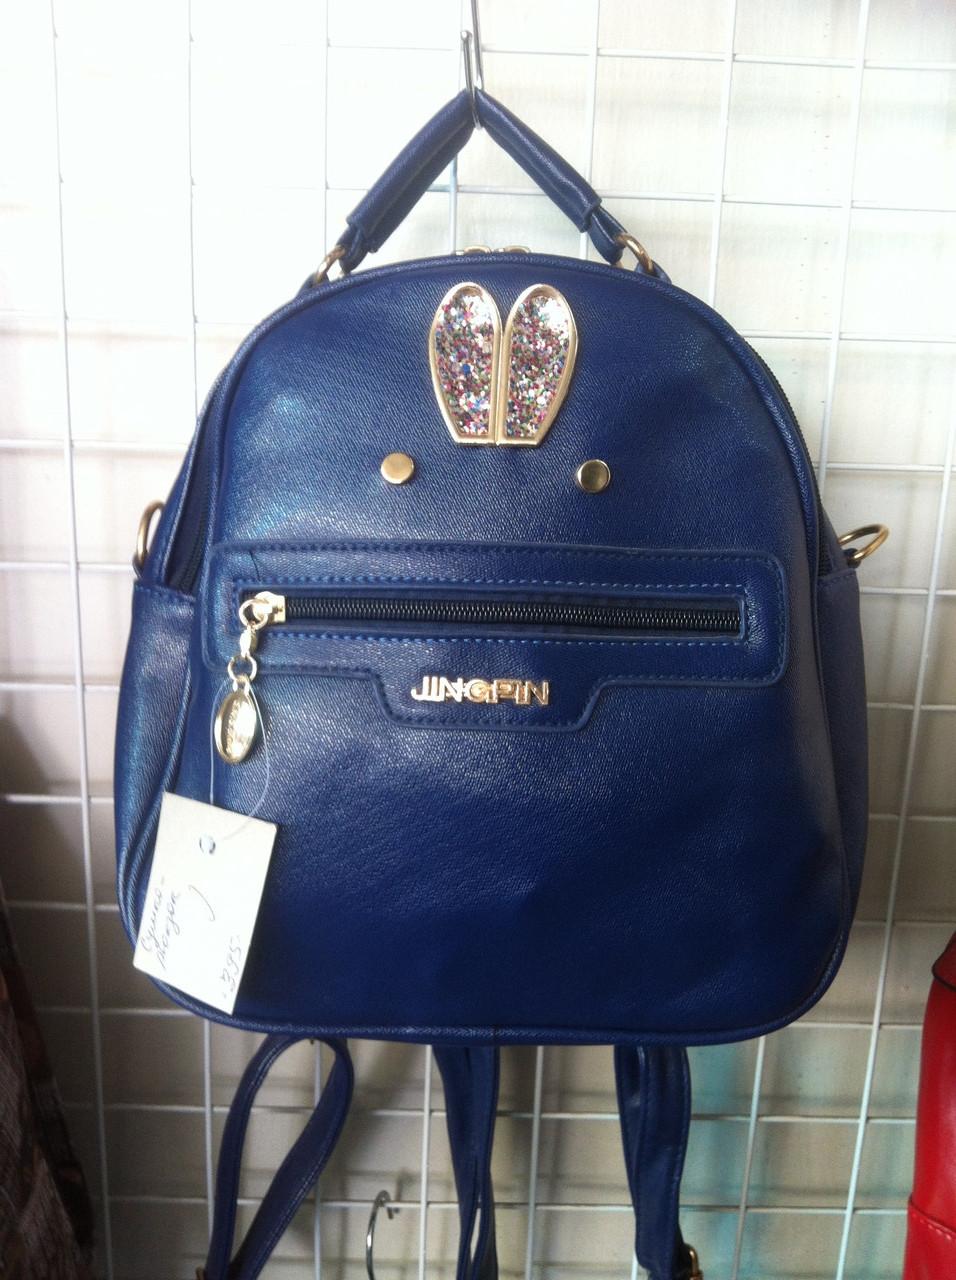 c926f997c6cb РАСПРОДАЖА Модный кожаный рюкзак с ушками высокого качества сумка эко-кожа  синий низкая цена -